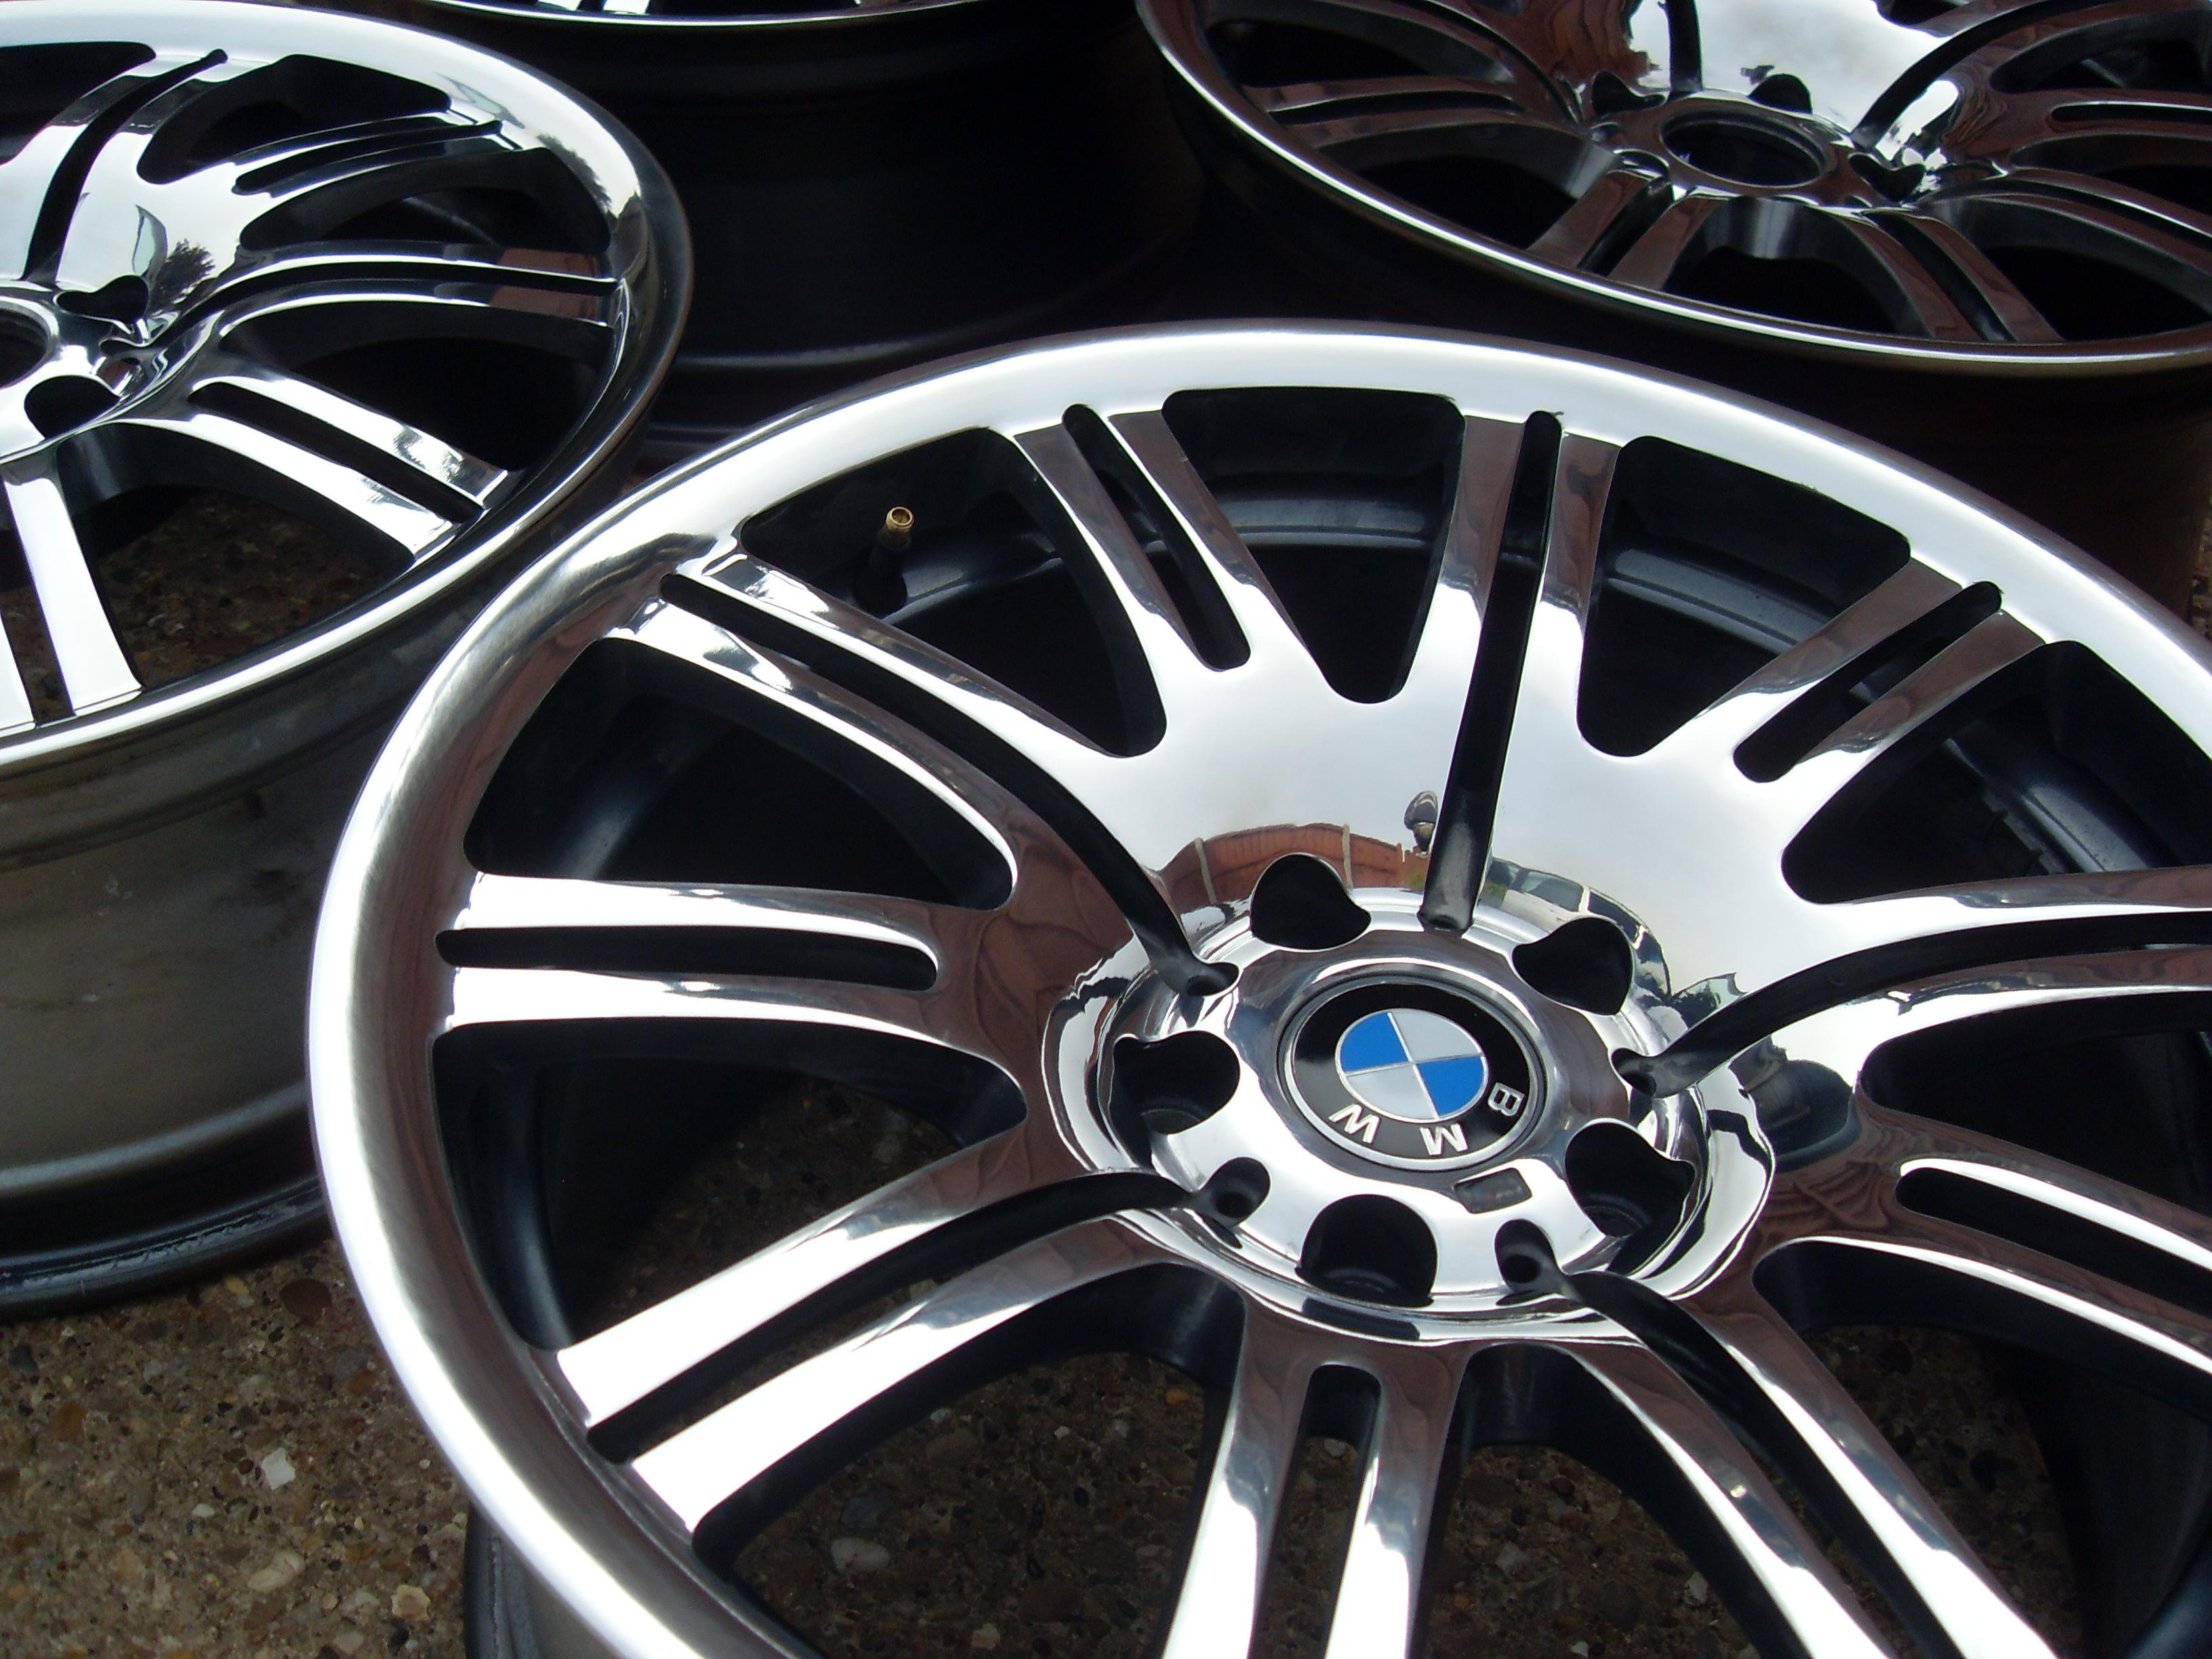 179cf3fb0a7 BMW E46 M3 Alloy Wheel refurbishment